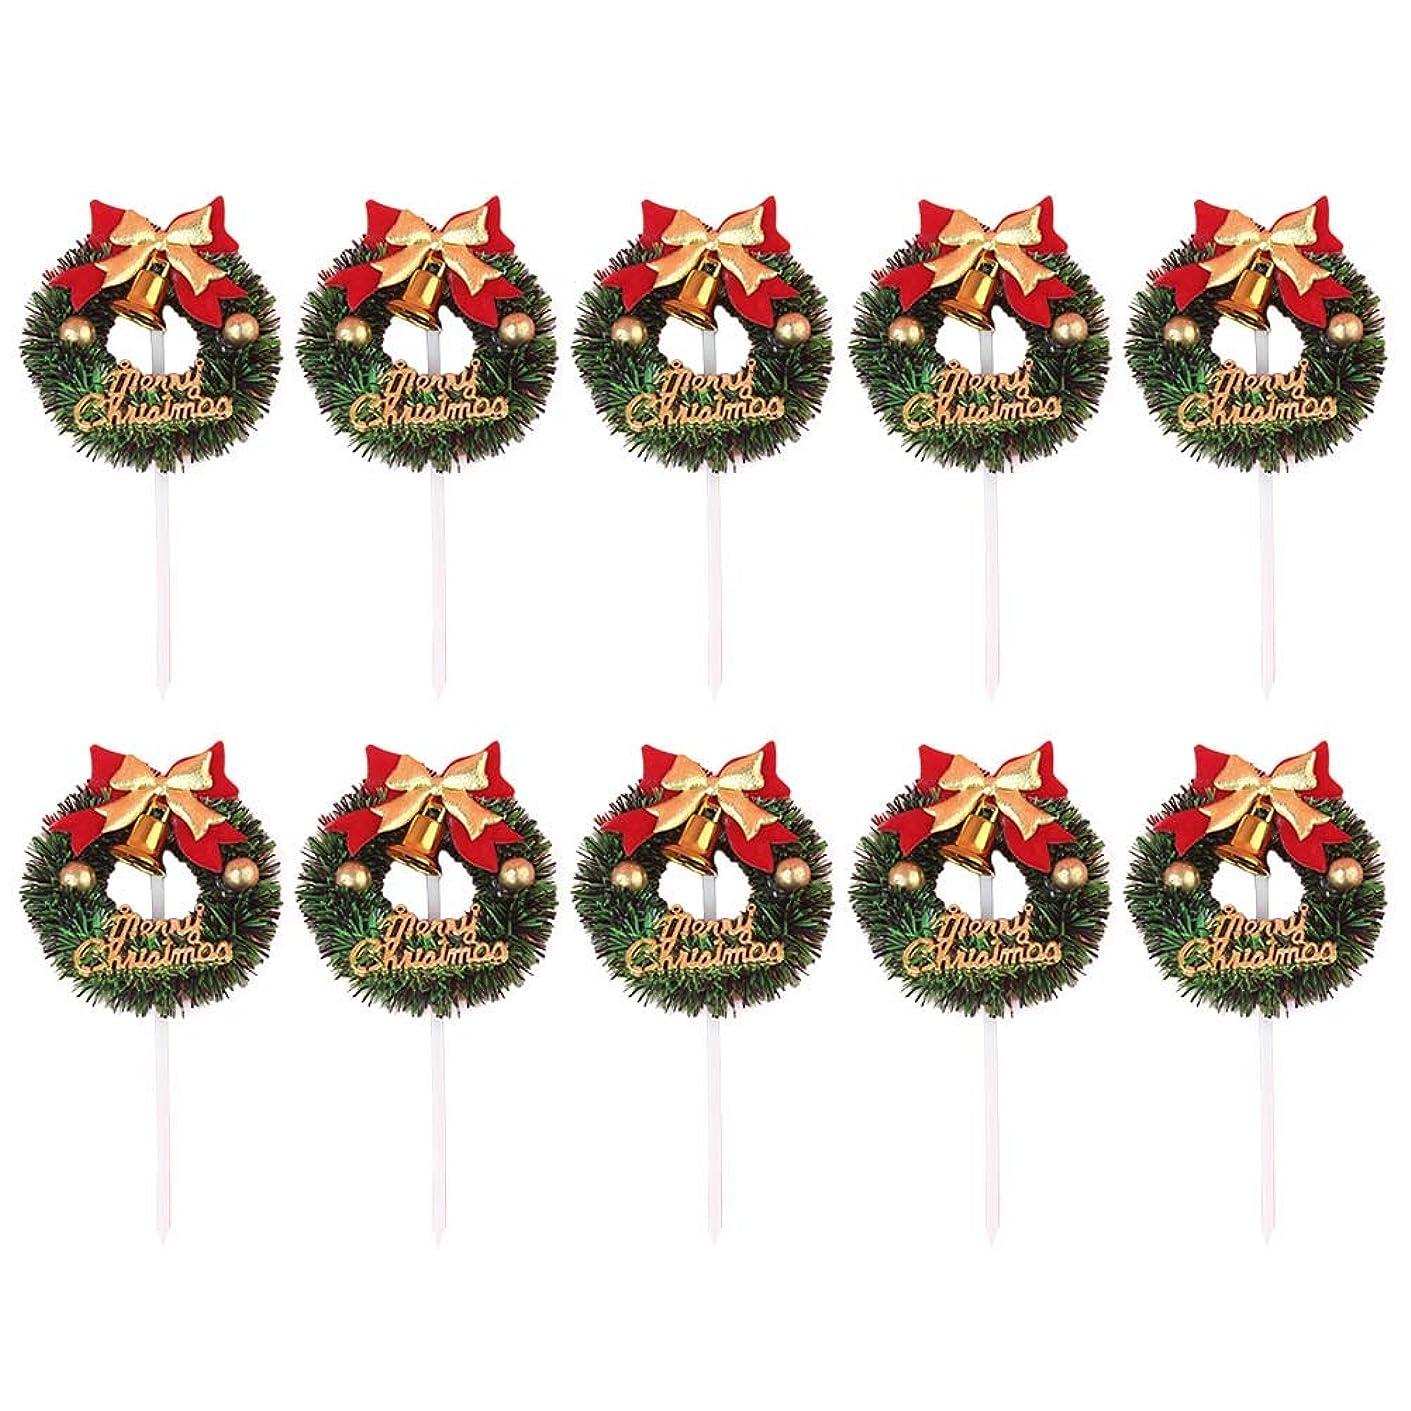 マーベル放映カニ10個のケーキトッパークリスマスシリーズ誕生日パーティフルーツケーキのピック食品の装飾用品(ベルビーズグラスリング)